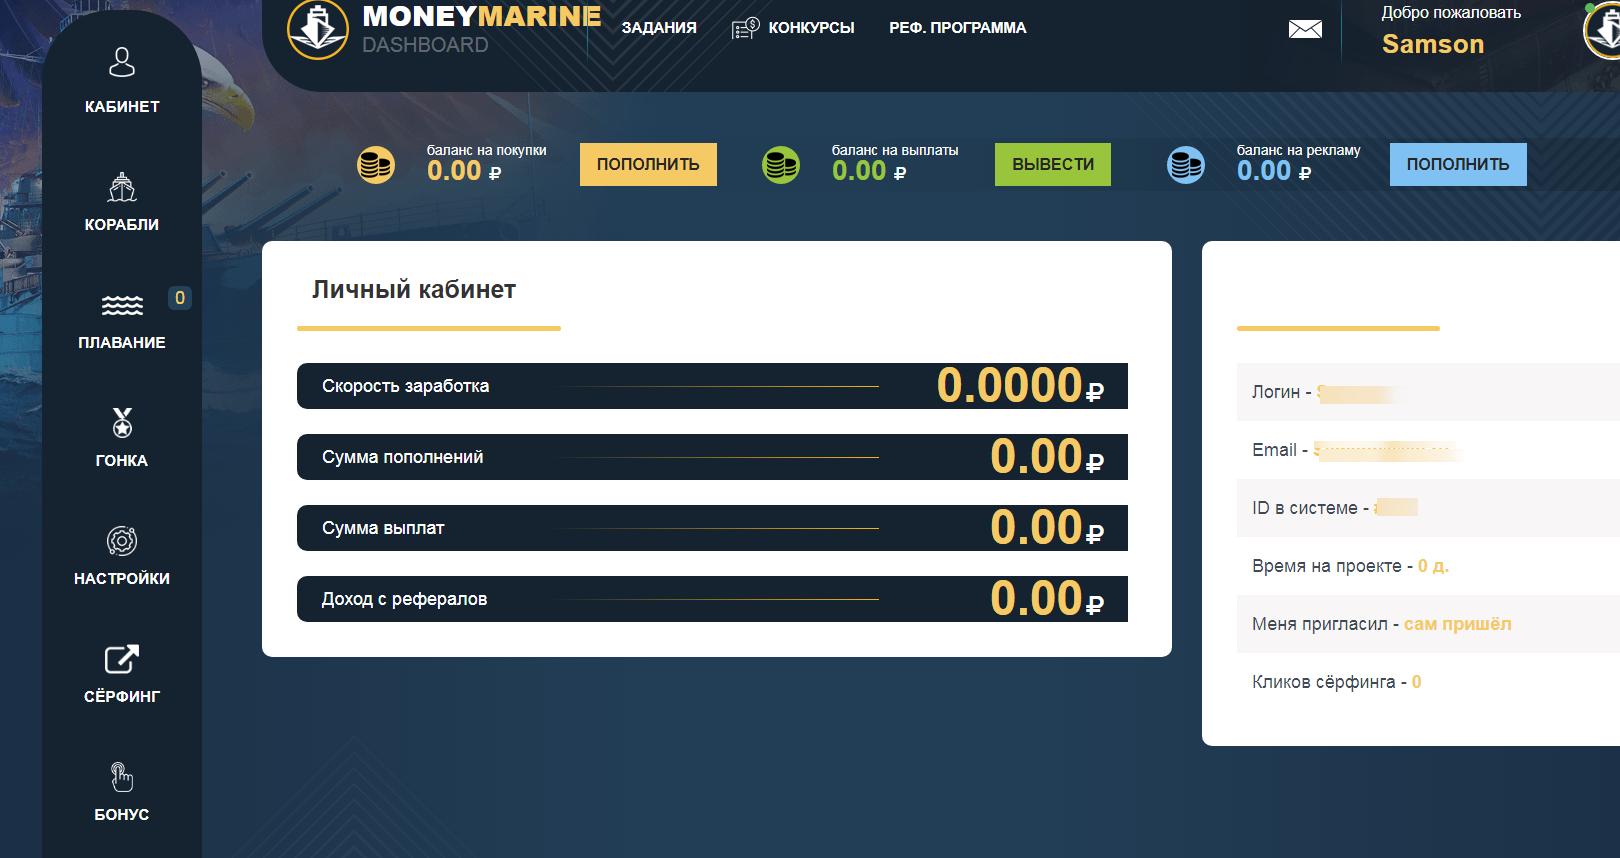 Скрипт игры с выводом денег Moneymarine